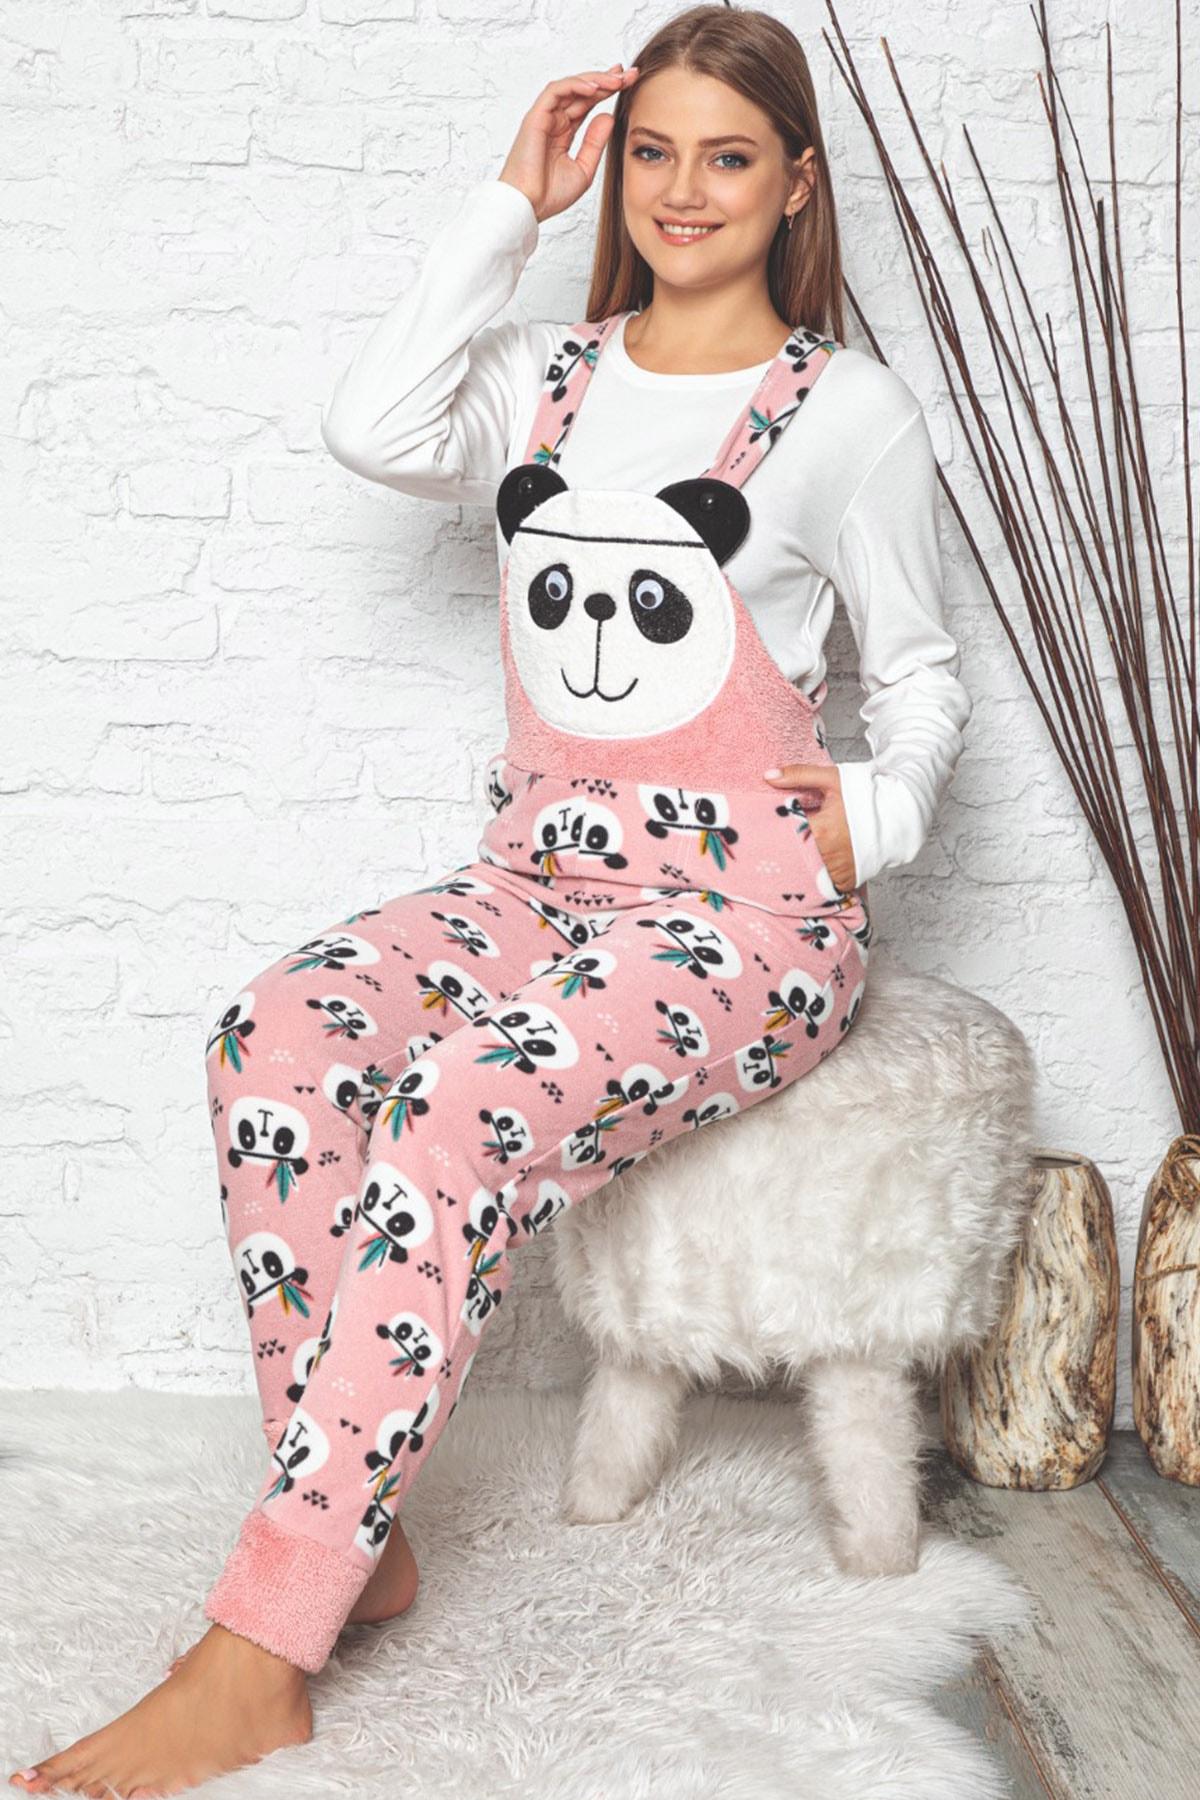 Pijamaevi Kadın Pembe Panda Desenli Kadın Bahçıvan Polar Peluş Tulum Pijama Takımı 0